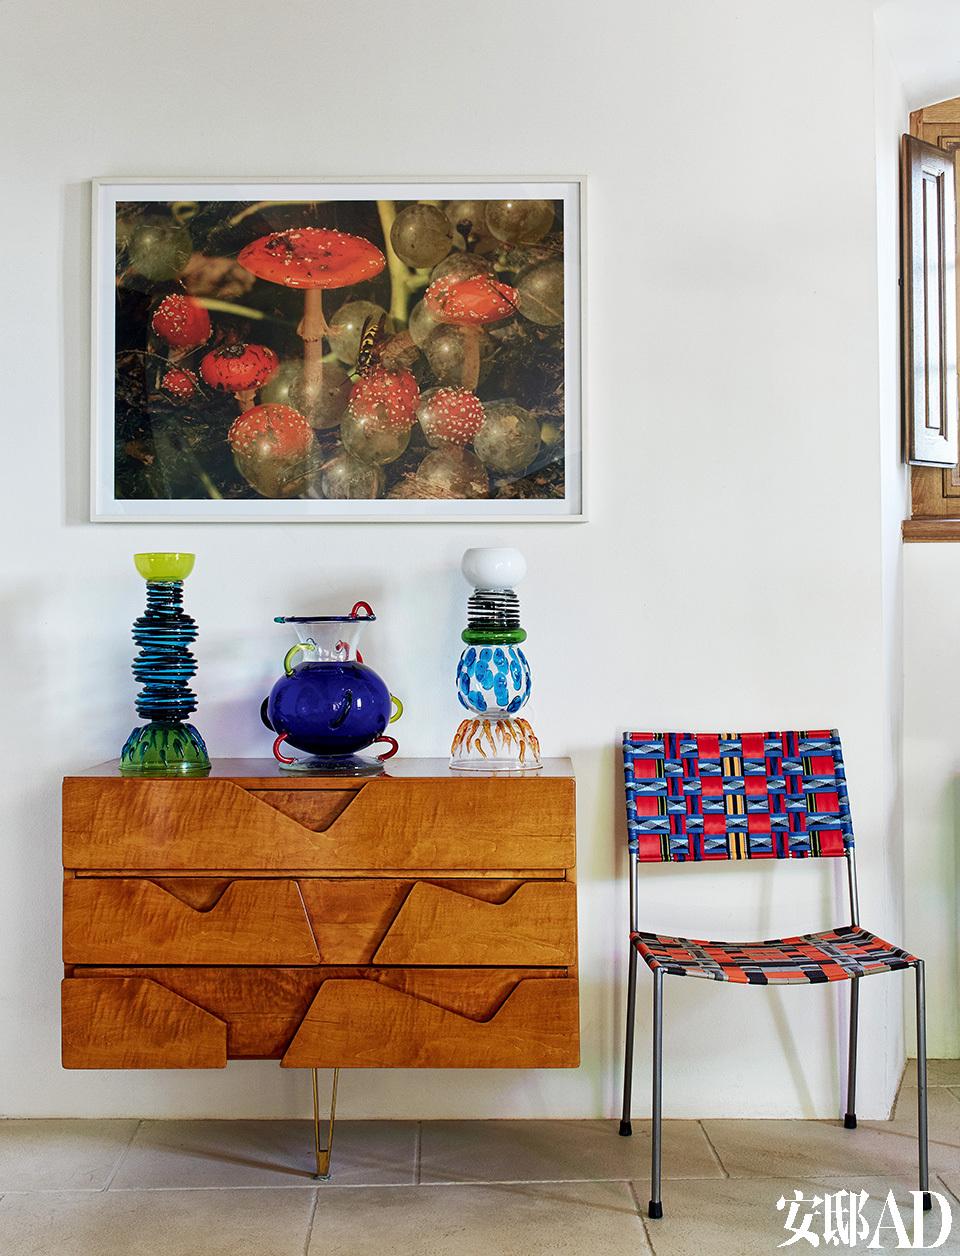 在艺术收藏上的品位,正如她设计的首饰,充满生命的灵动,不凝重,满是乐趣。 餐厅细节。工作台来自Gio Ponti,玻璃摆件由Ettore Stottsass设计,摄影作品来自瑞士艺术家Fischli/Weiss,座椅来自Franz West。